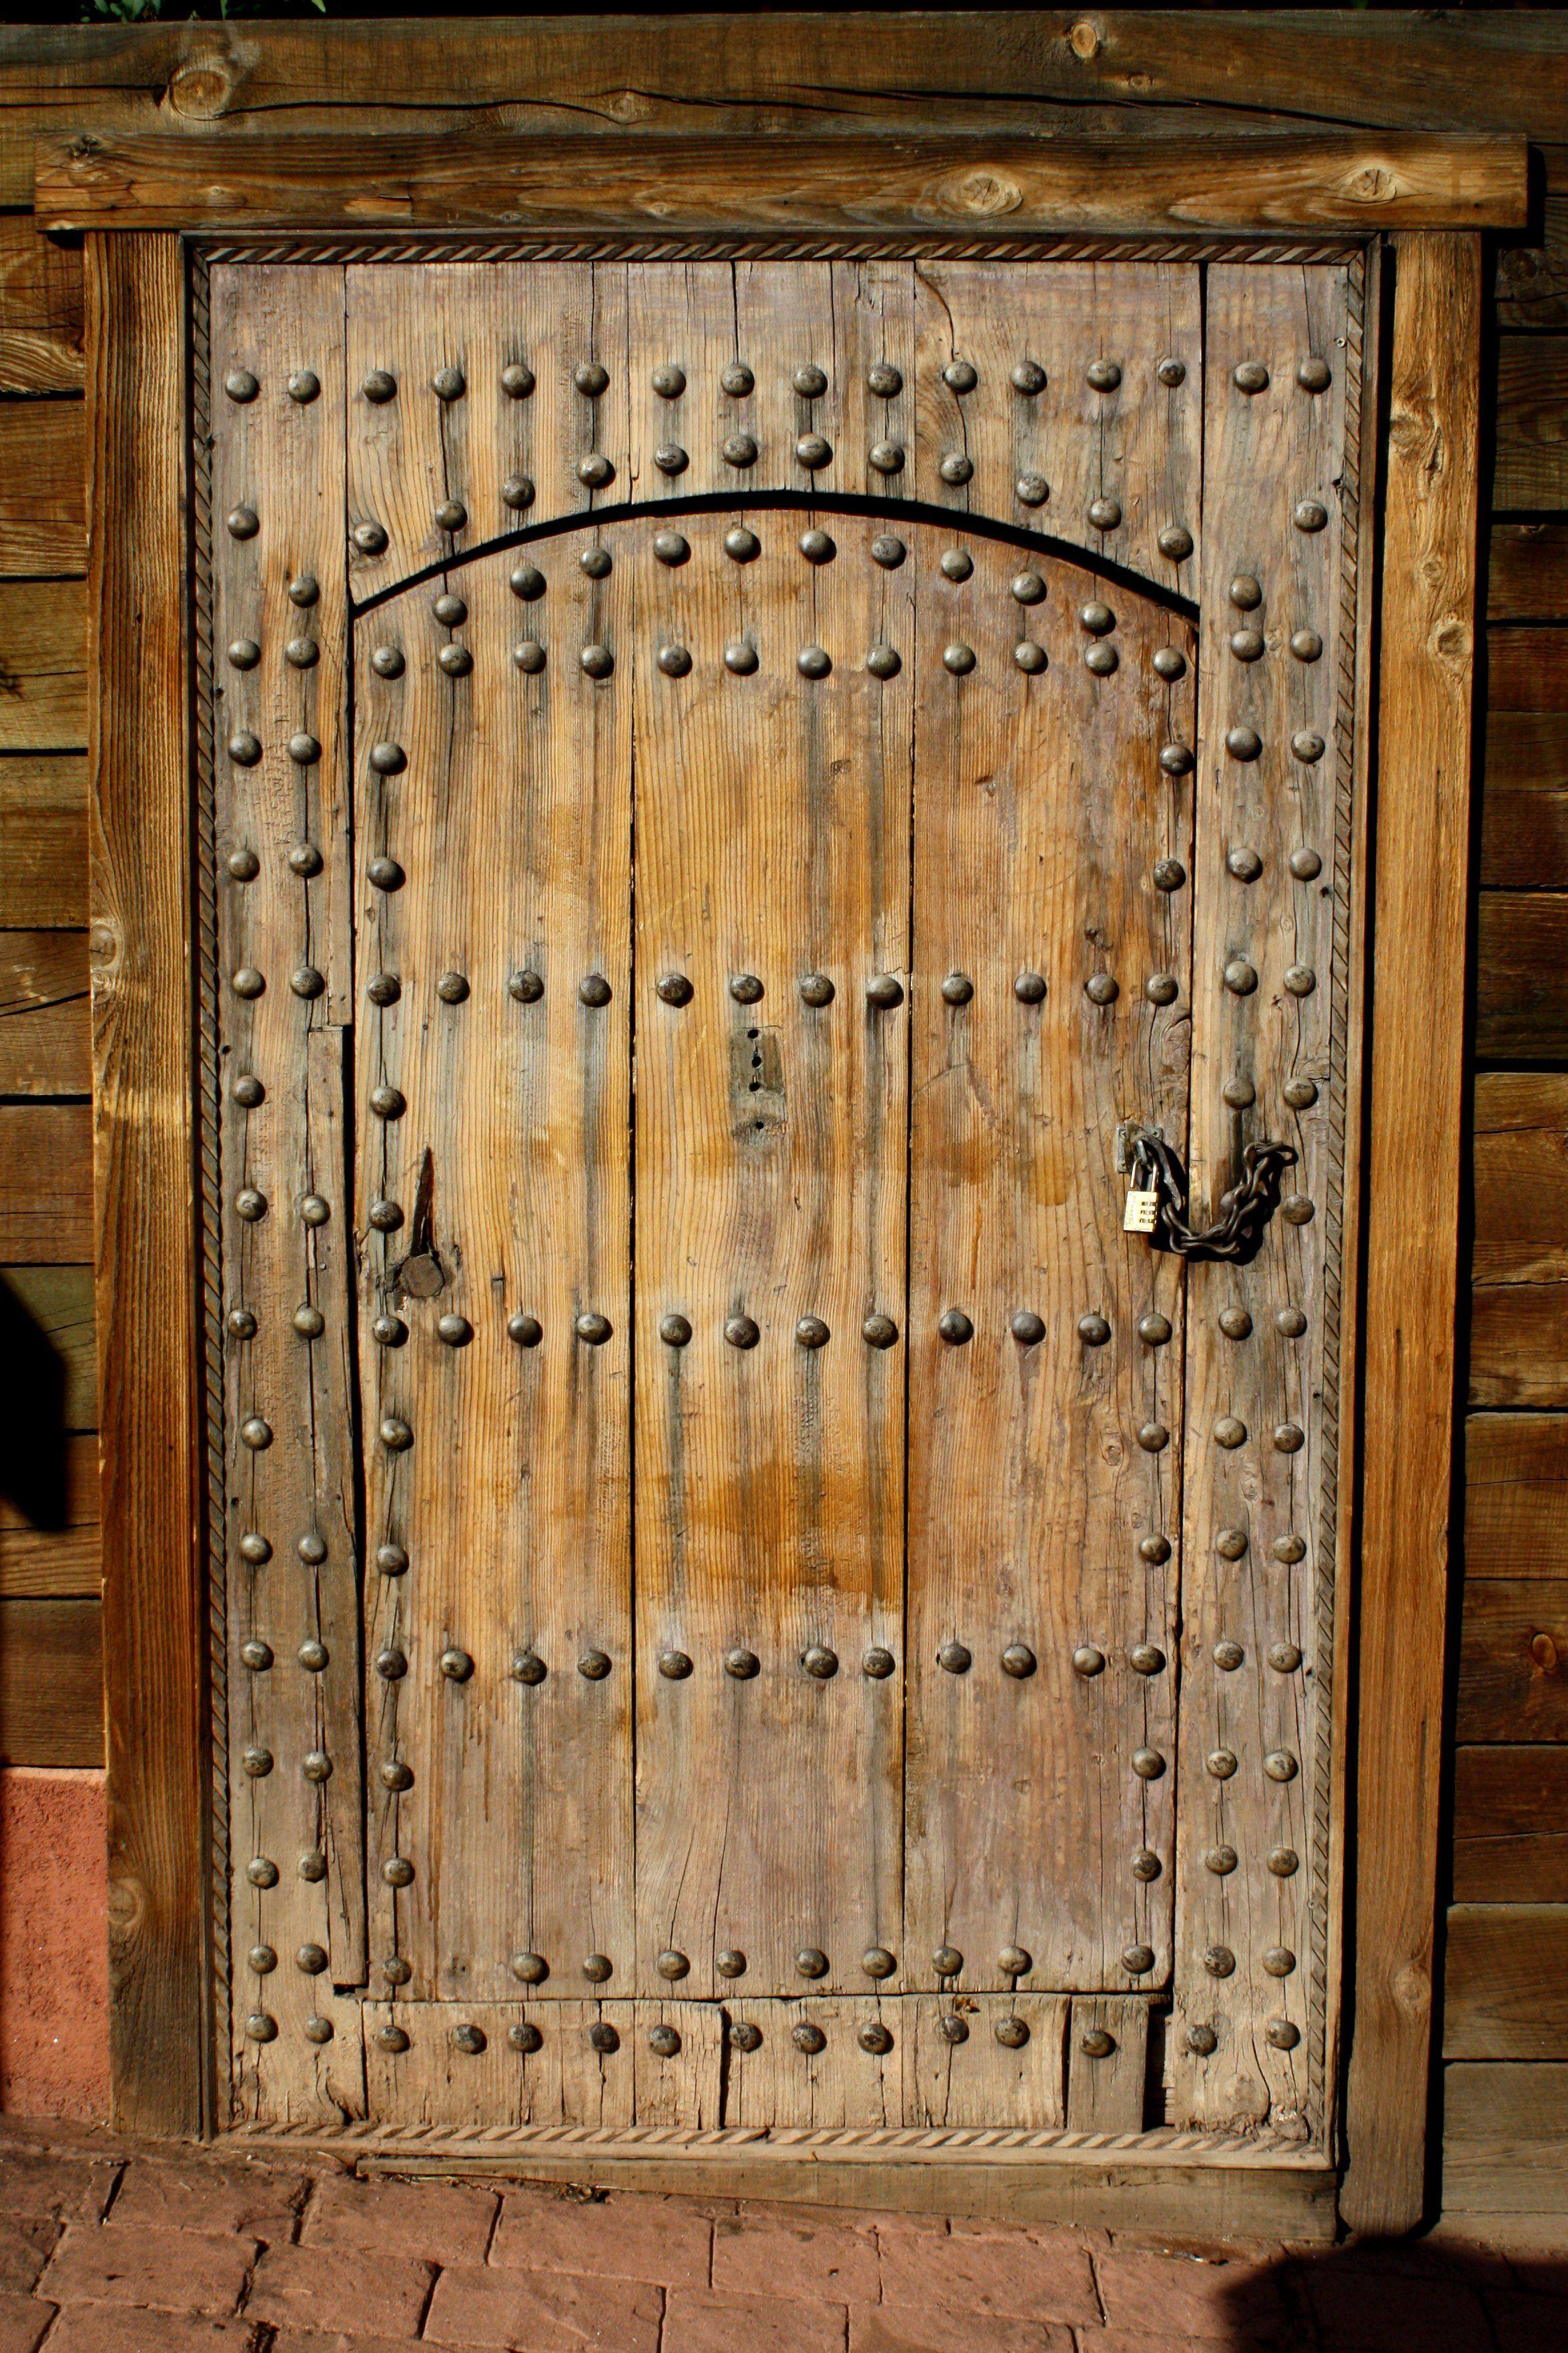 Old Door Windows Of Europe Old World Rustic Wooden Door With